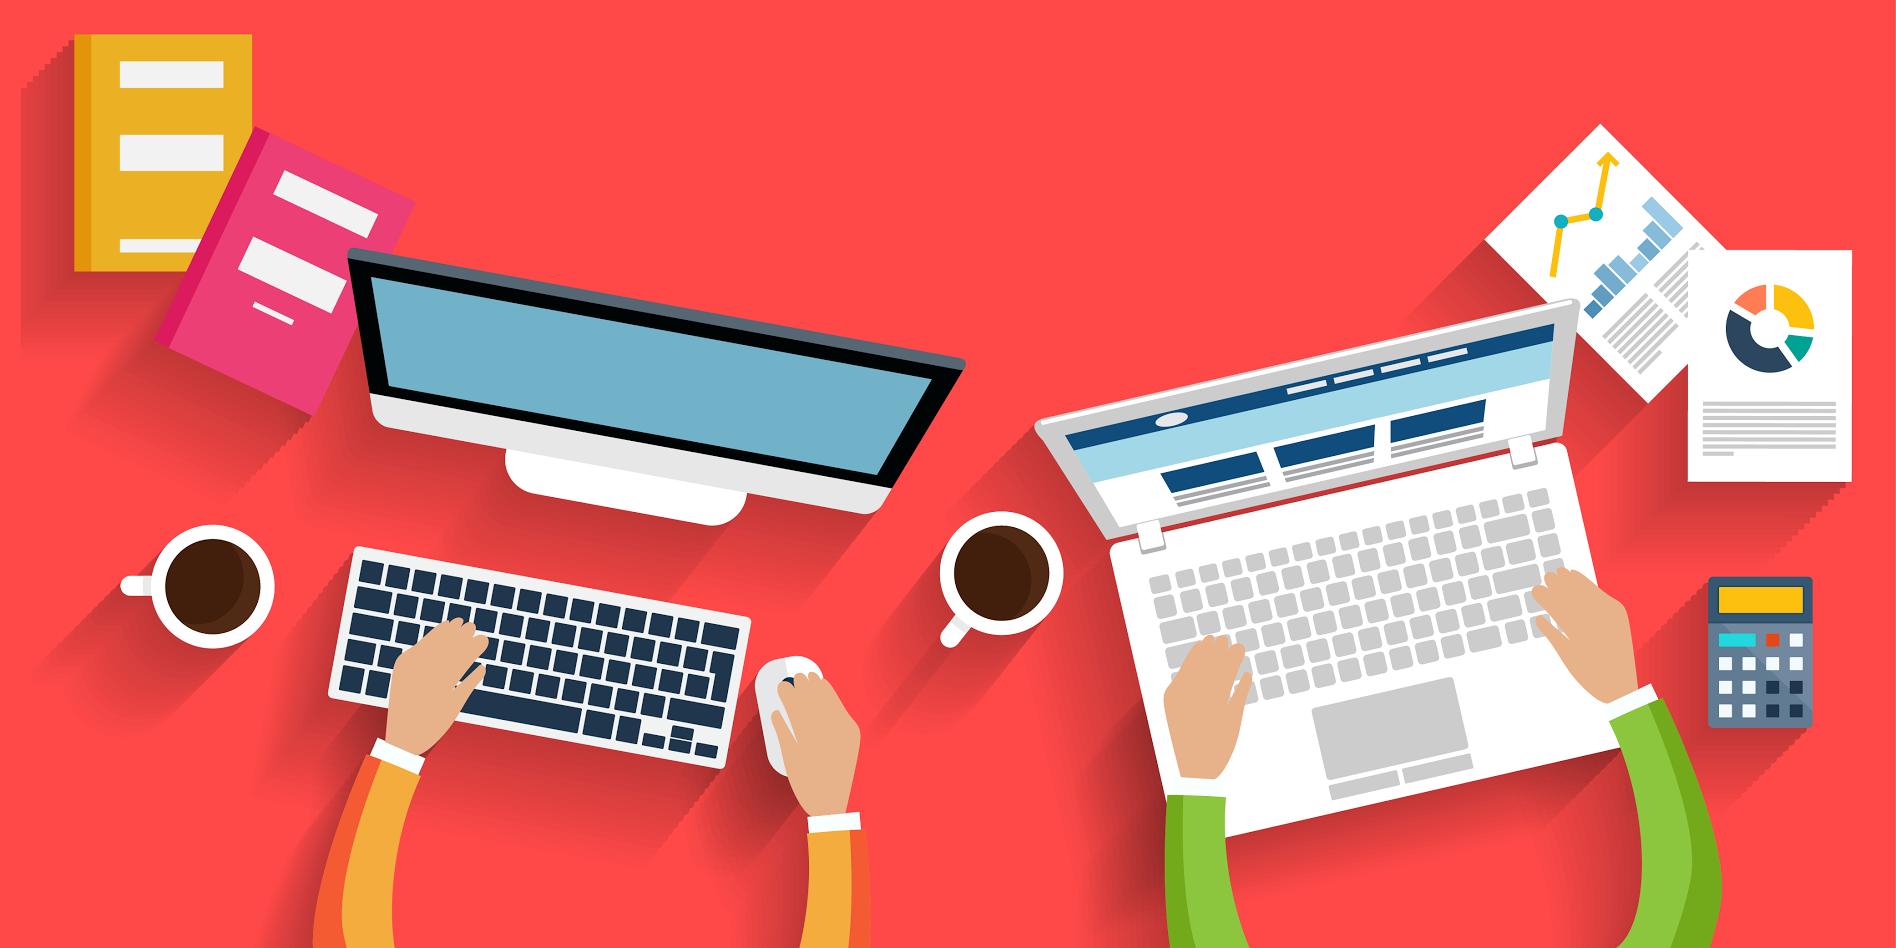 Продвижение веб сайта управляющая компания калининград официальный сайт